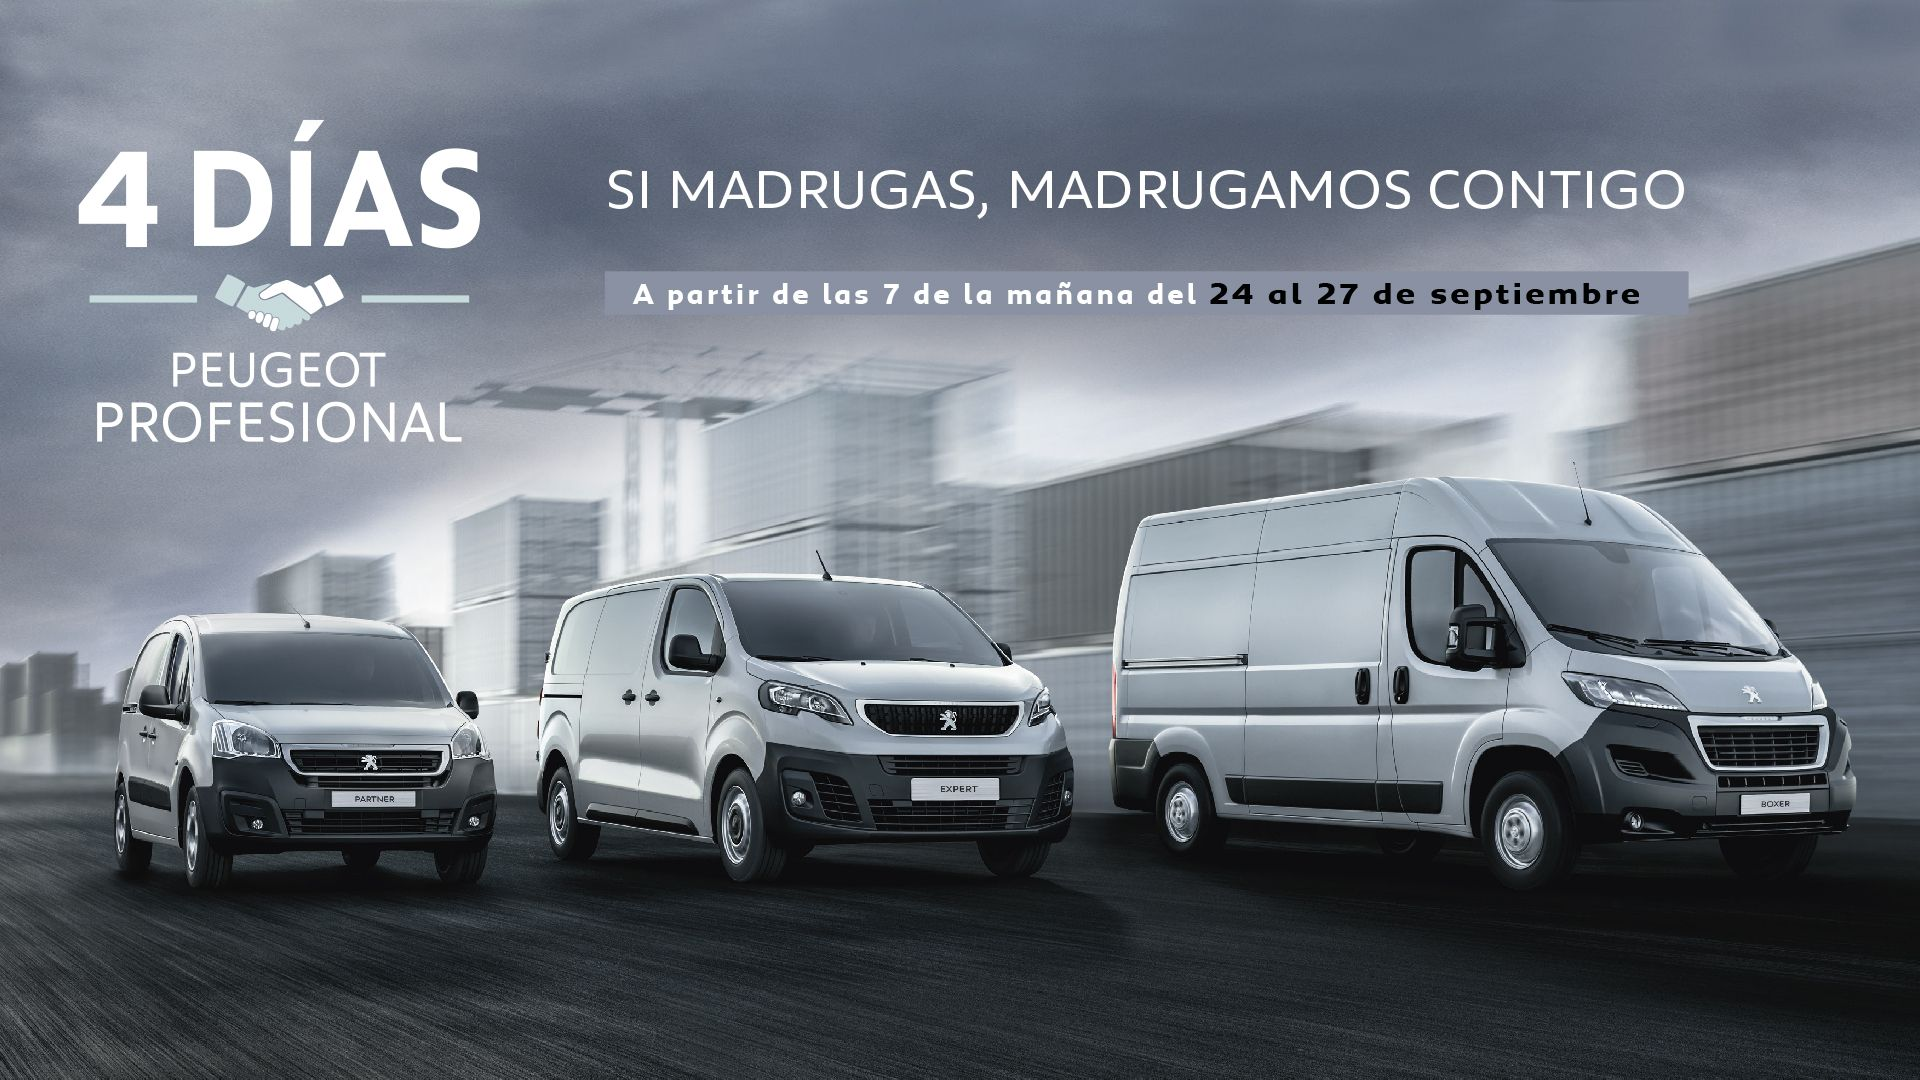 Vuelven los 4 días Peugeot Profesional del 24 al 27 de Septiembre